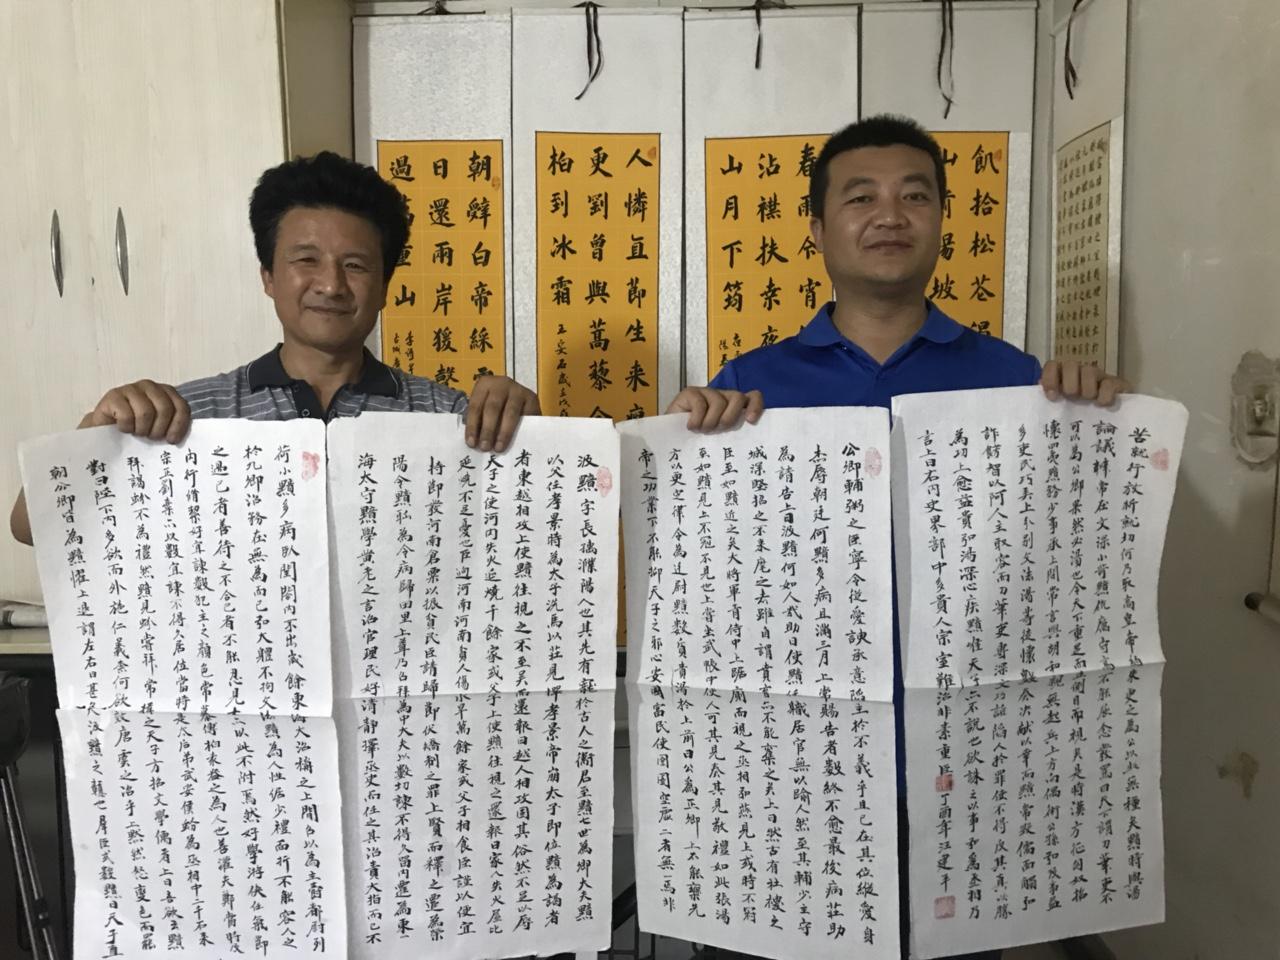 张家川在线聘请张家川青年书法家汪建平老师为本网站签约书画家